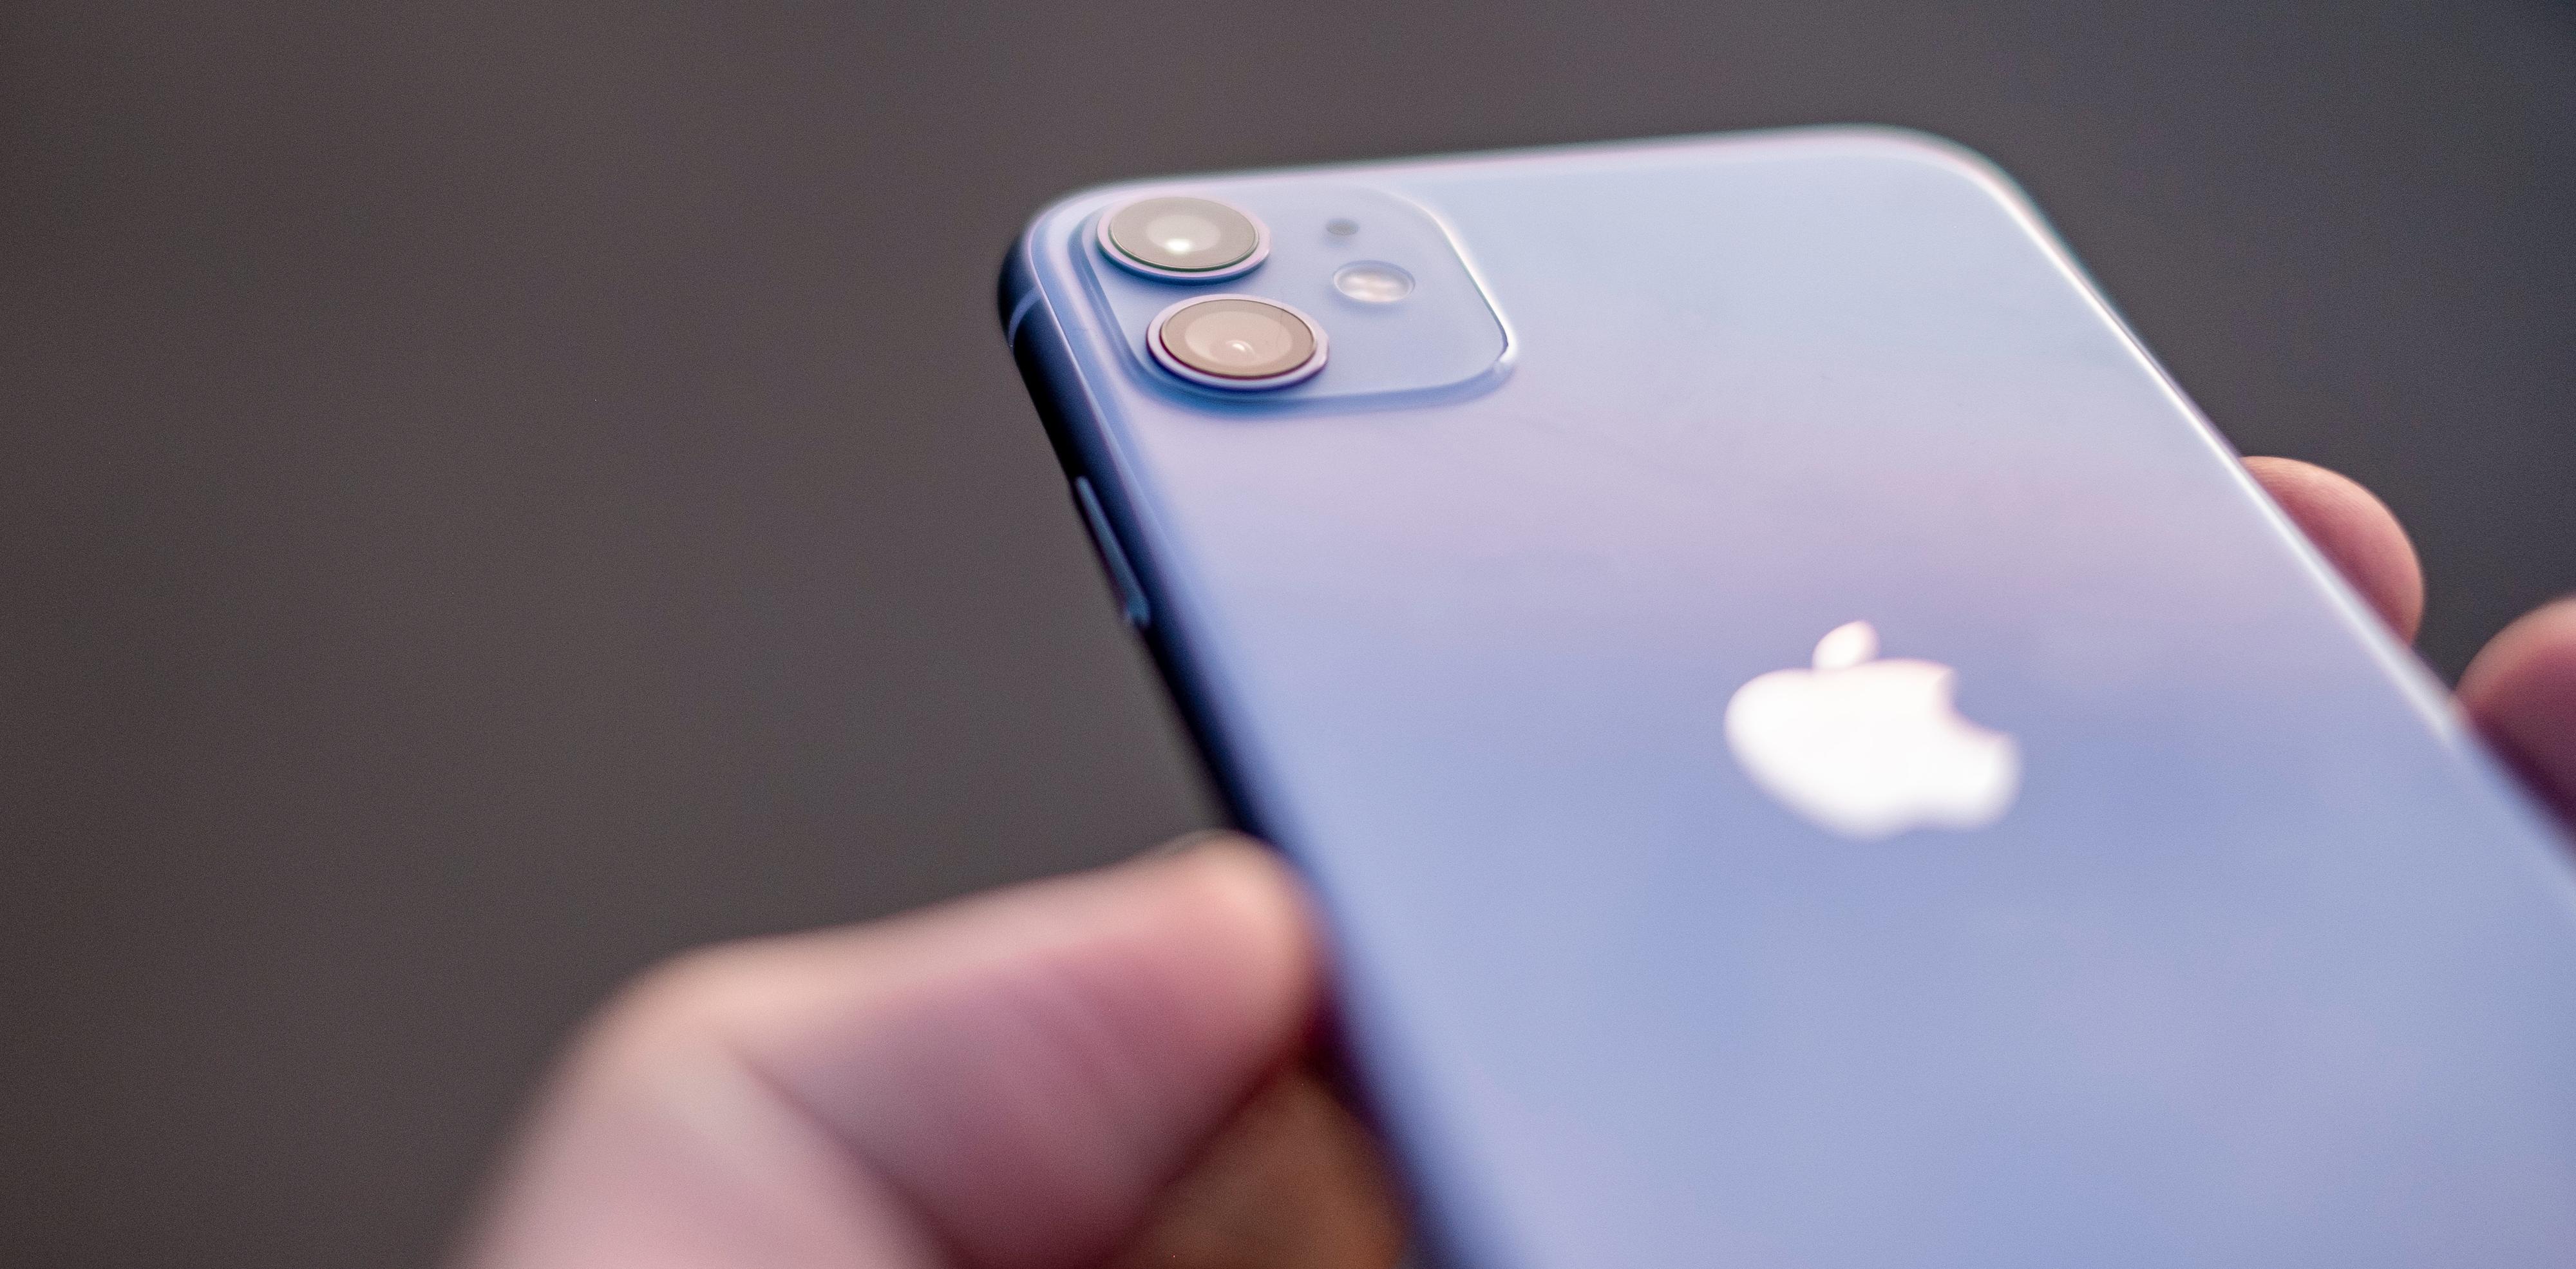 Du kan kjøpe iPhone 11 i denne lilla fargen, eller i gult, grønt eller rødt. Føler du deg litt kjedelig? Da kan du få den i svart eller hvitt også. (Men hvorfor?!).